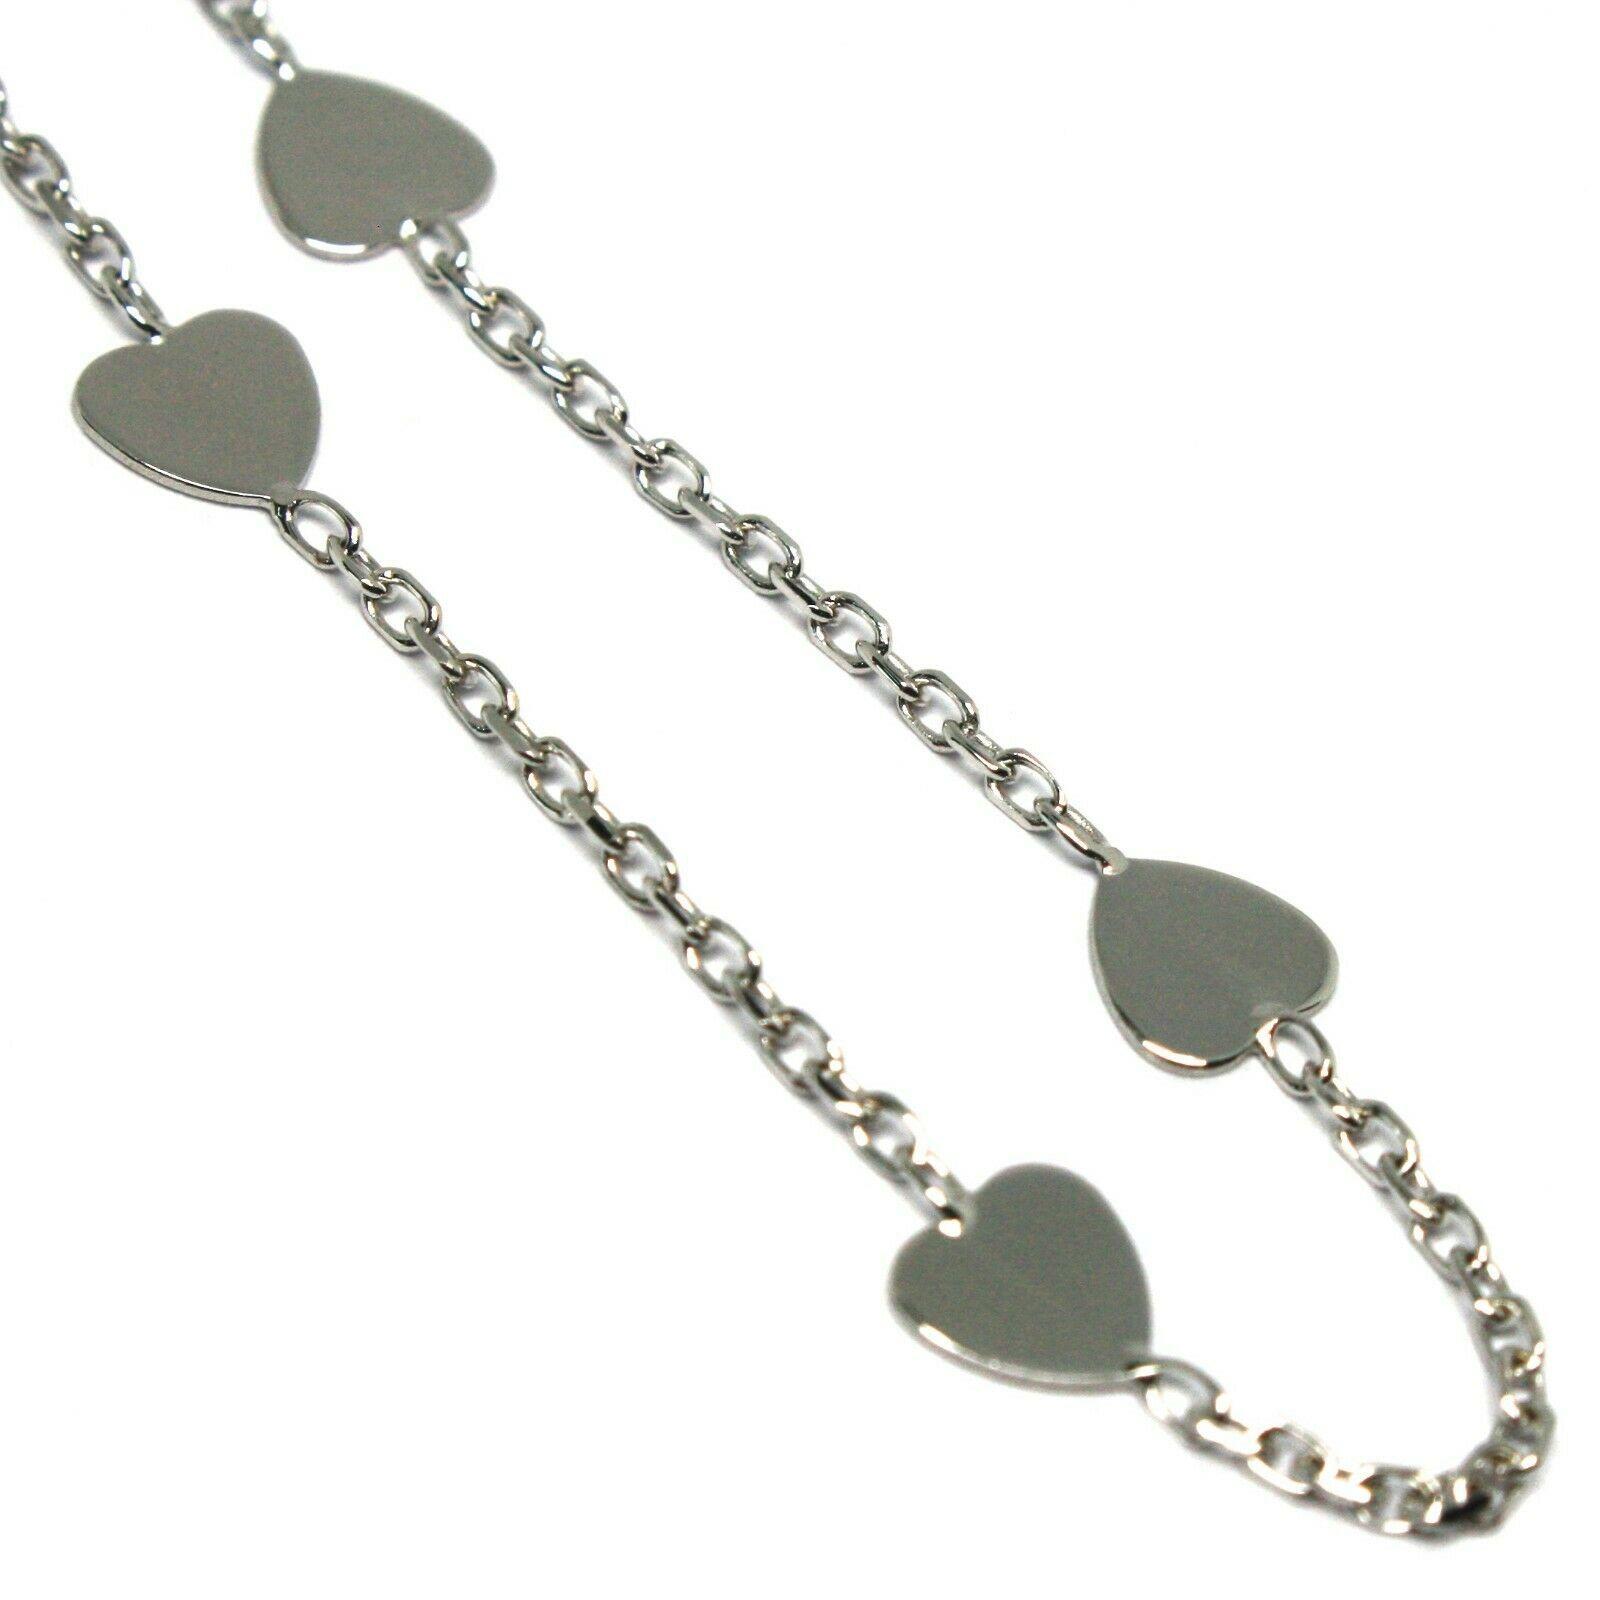 Bracelet White Gold 18K 750, Hearts Plates, Heart, Length 14-16 cm ,Italy